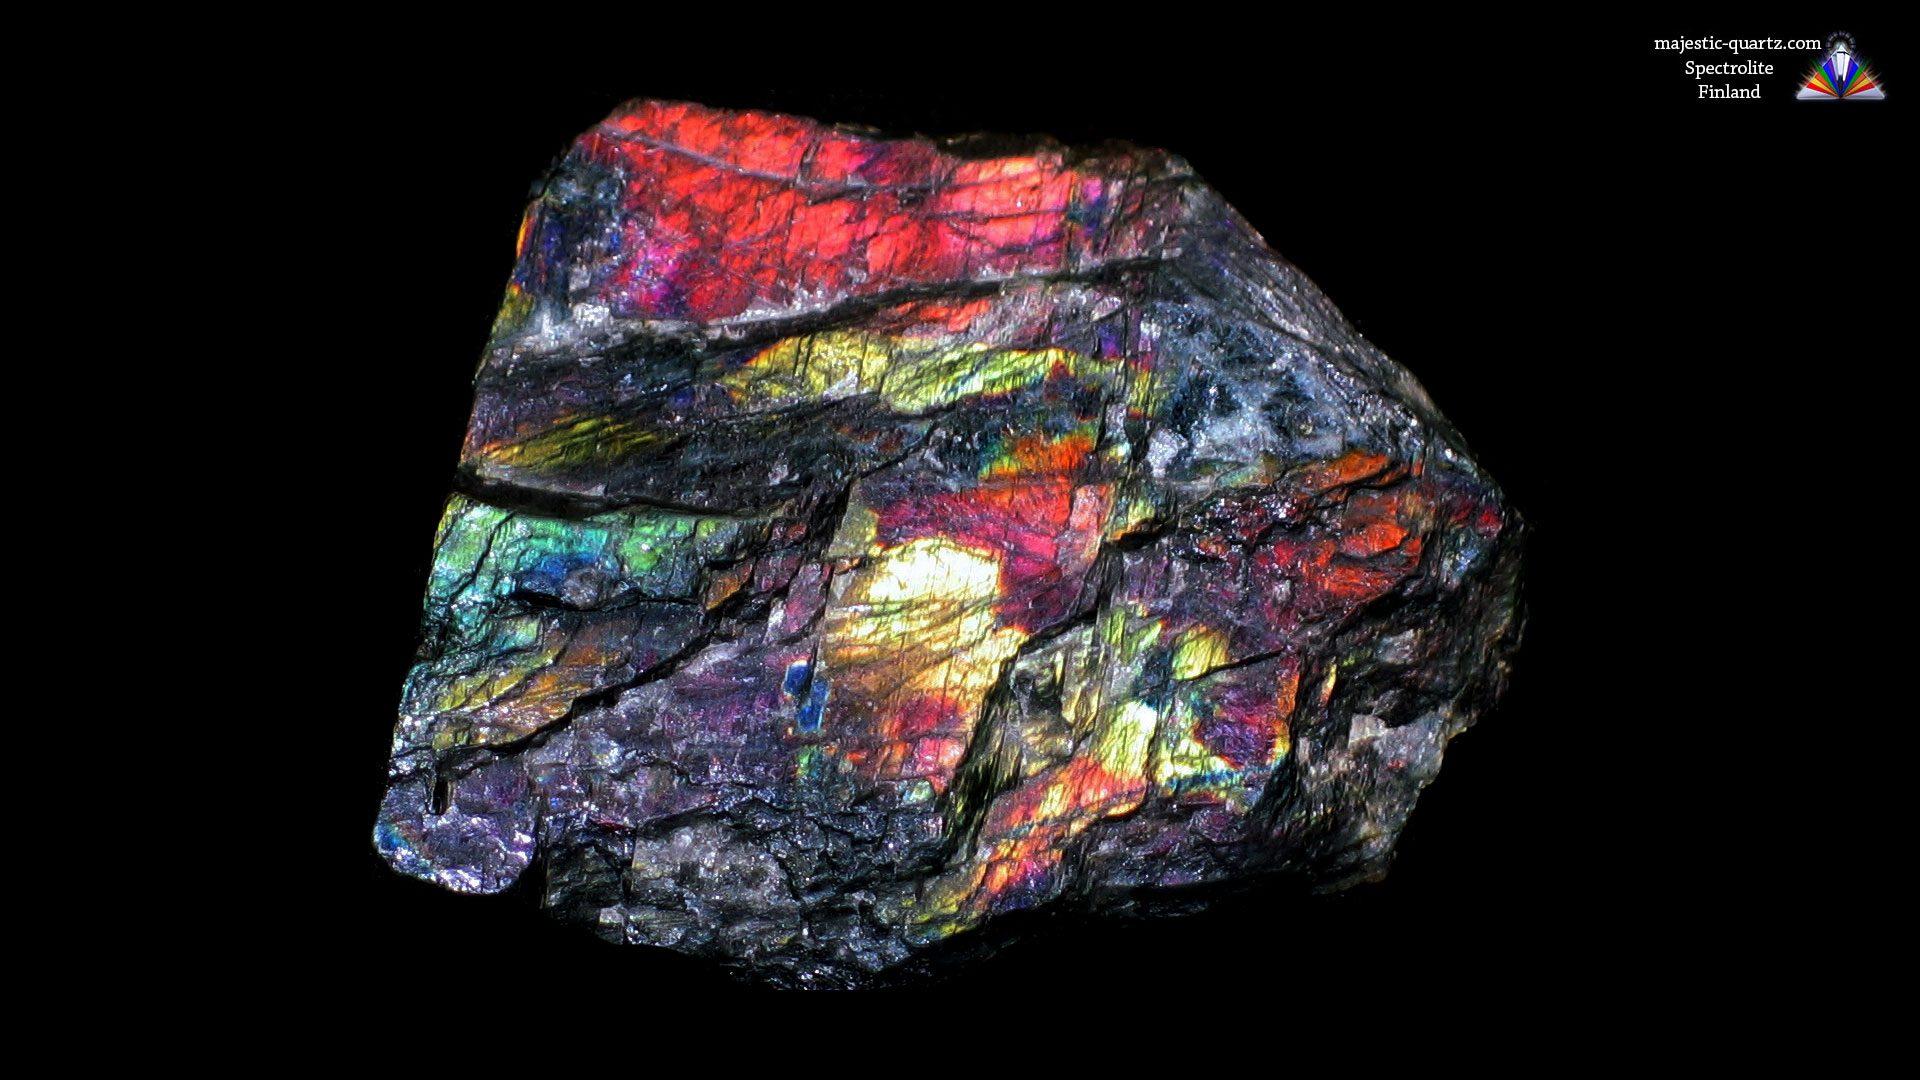 Spectrolite Crystal Specimen - Mineral Specimen